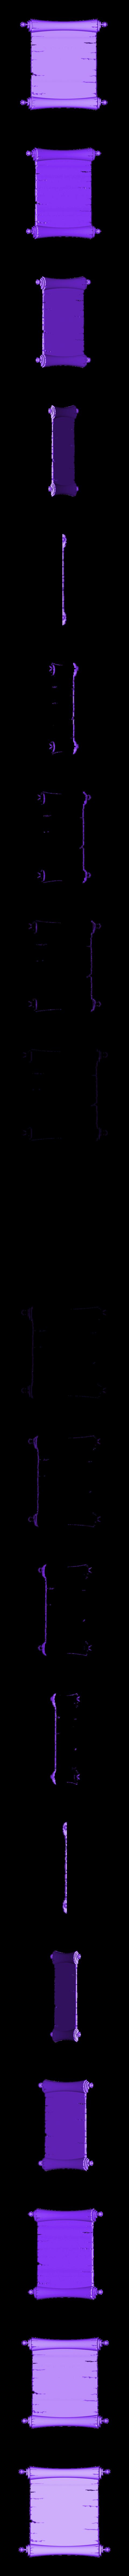 B103.stl Télécharger fichier STL gratuit Parchemin • Design à imprimer en 3D, stl3dmodel